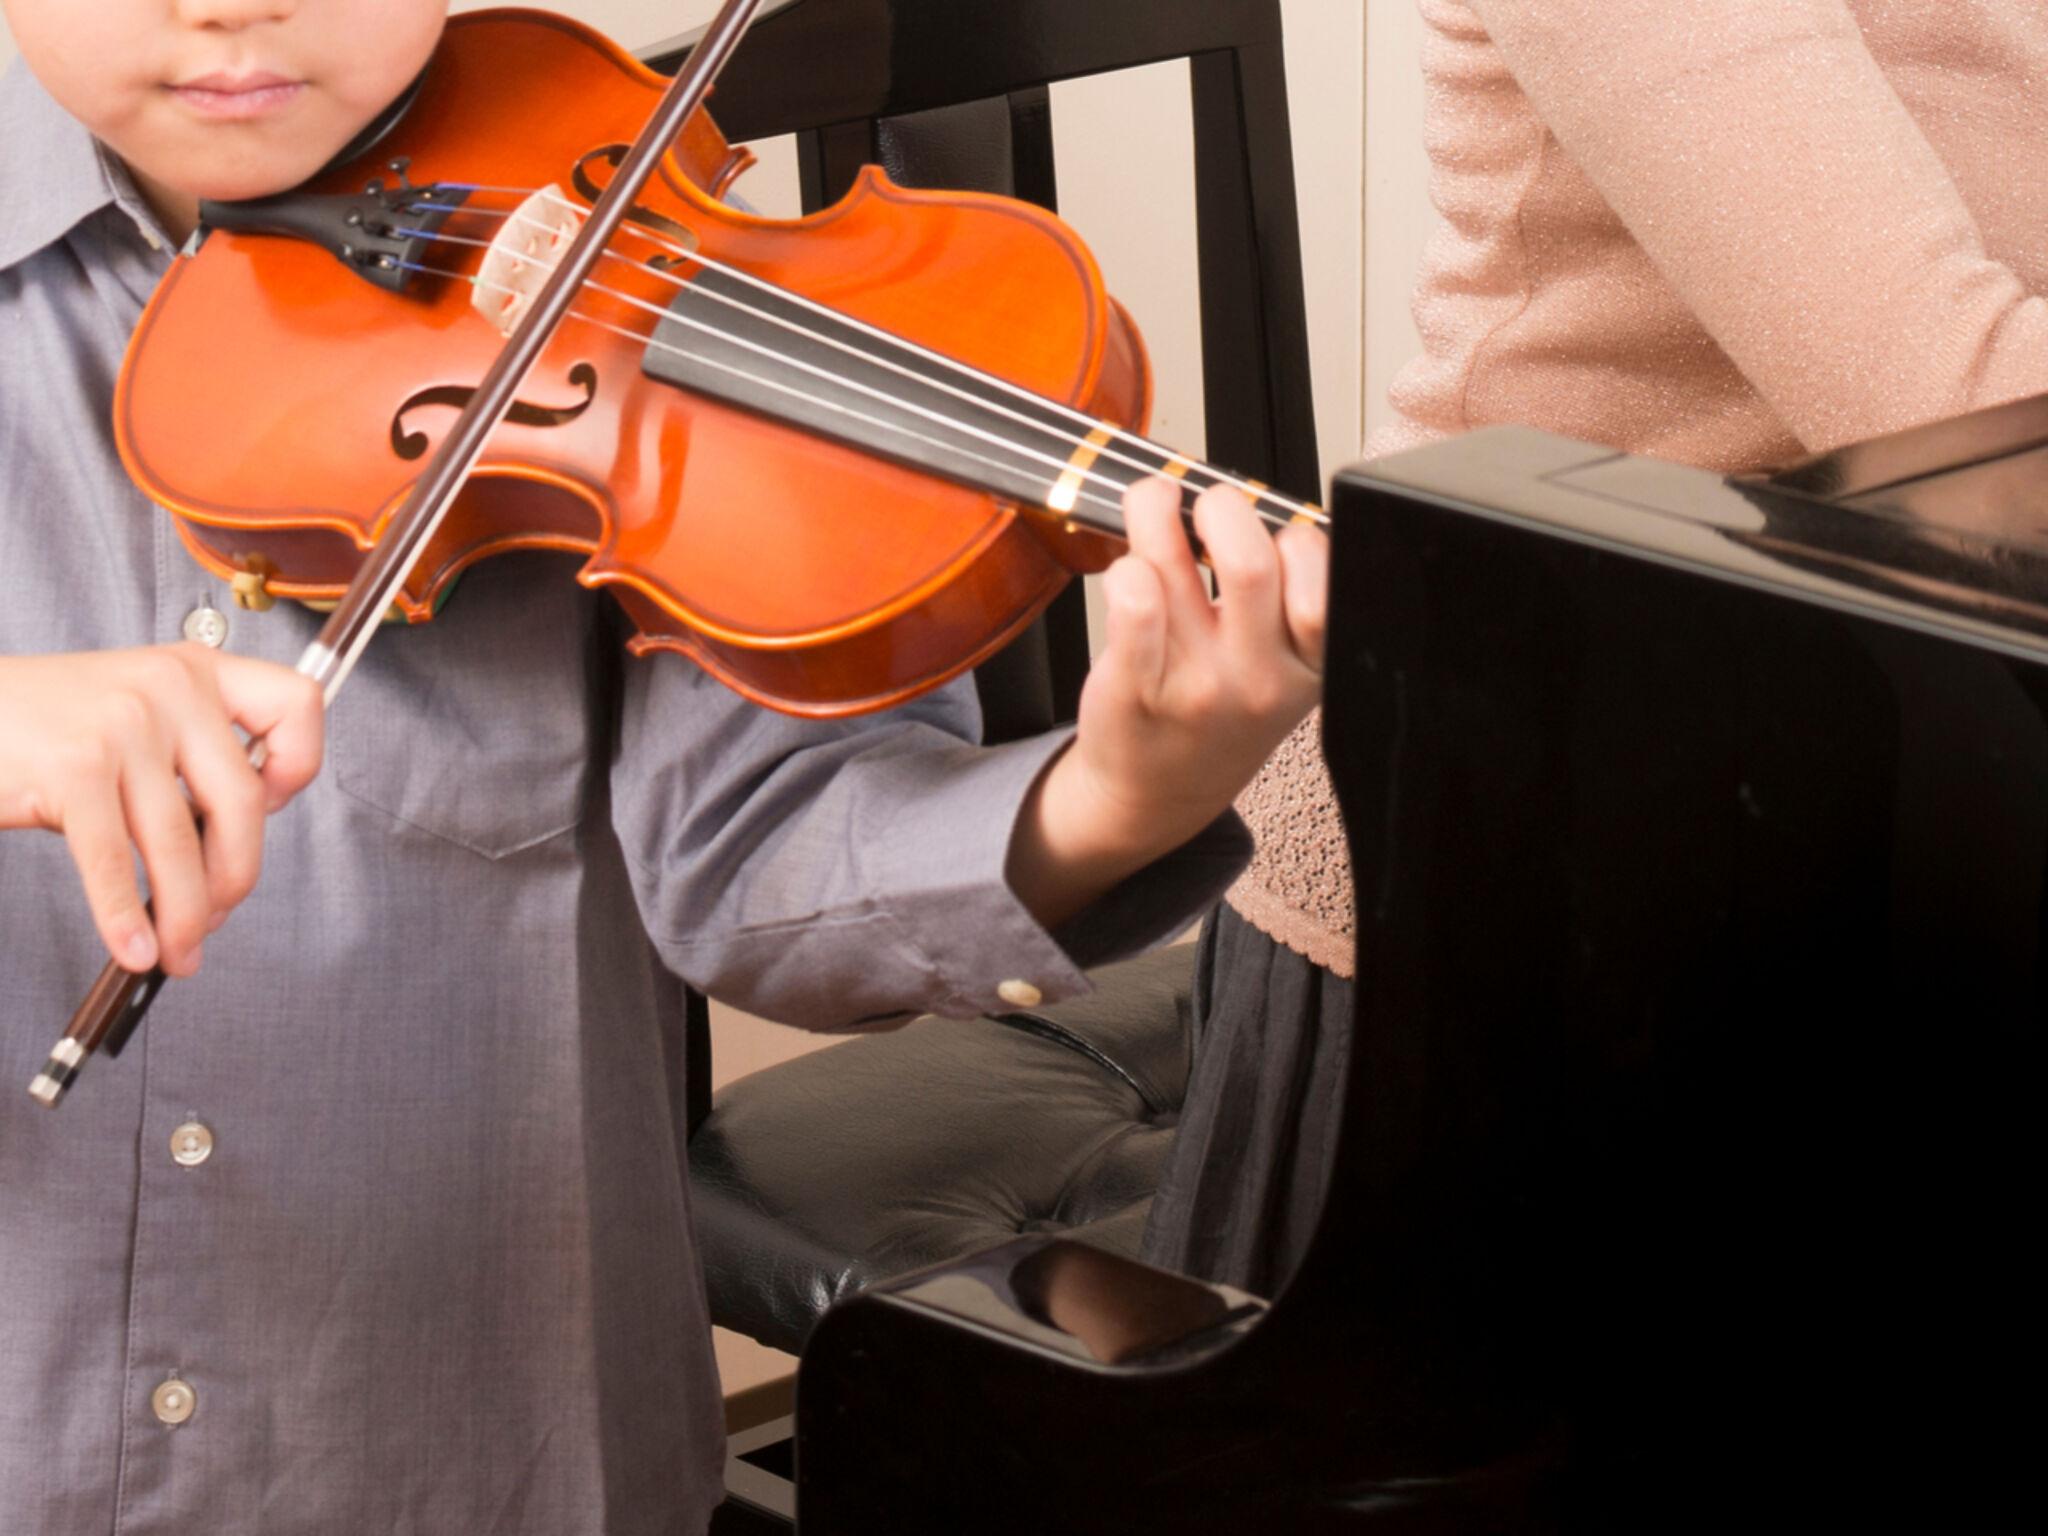 ピアノをひいている先生に合わせて子どもがヴァイオリンを弾いている画像